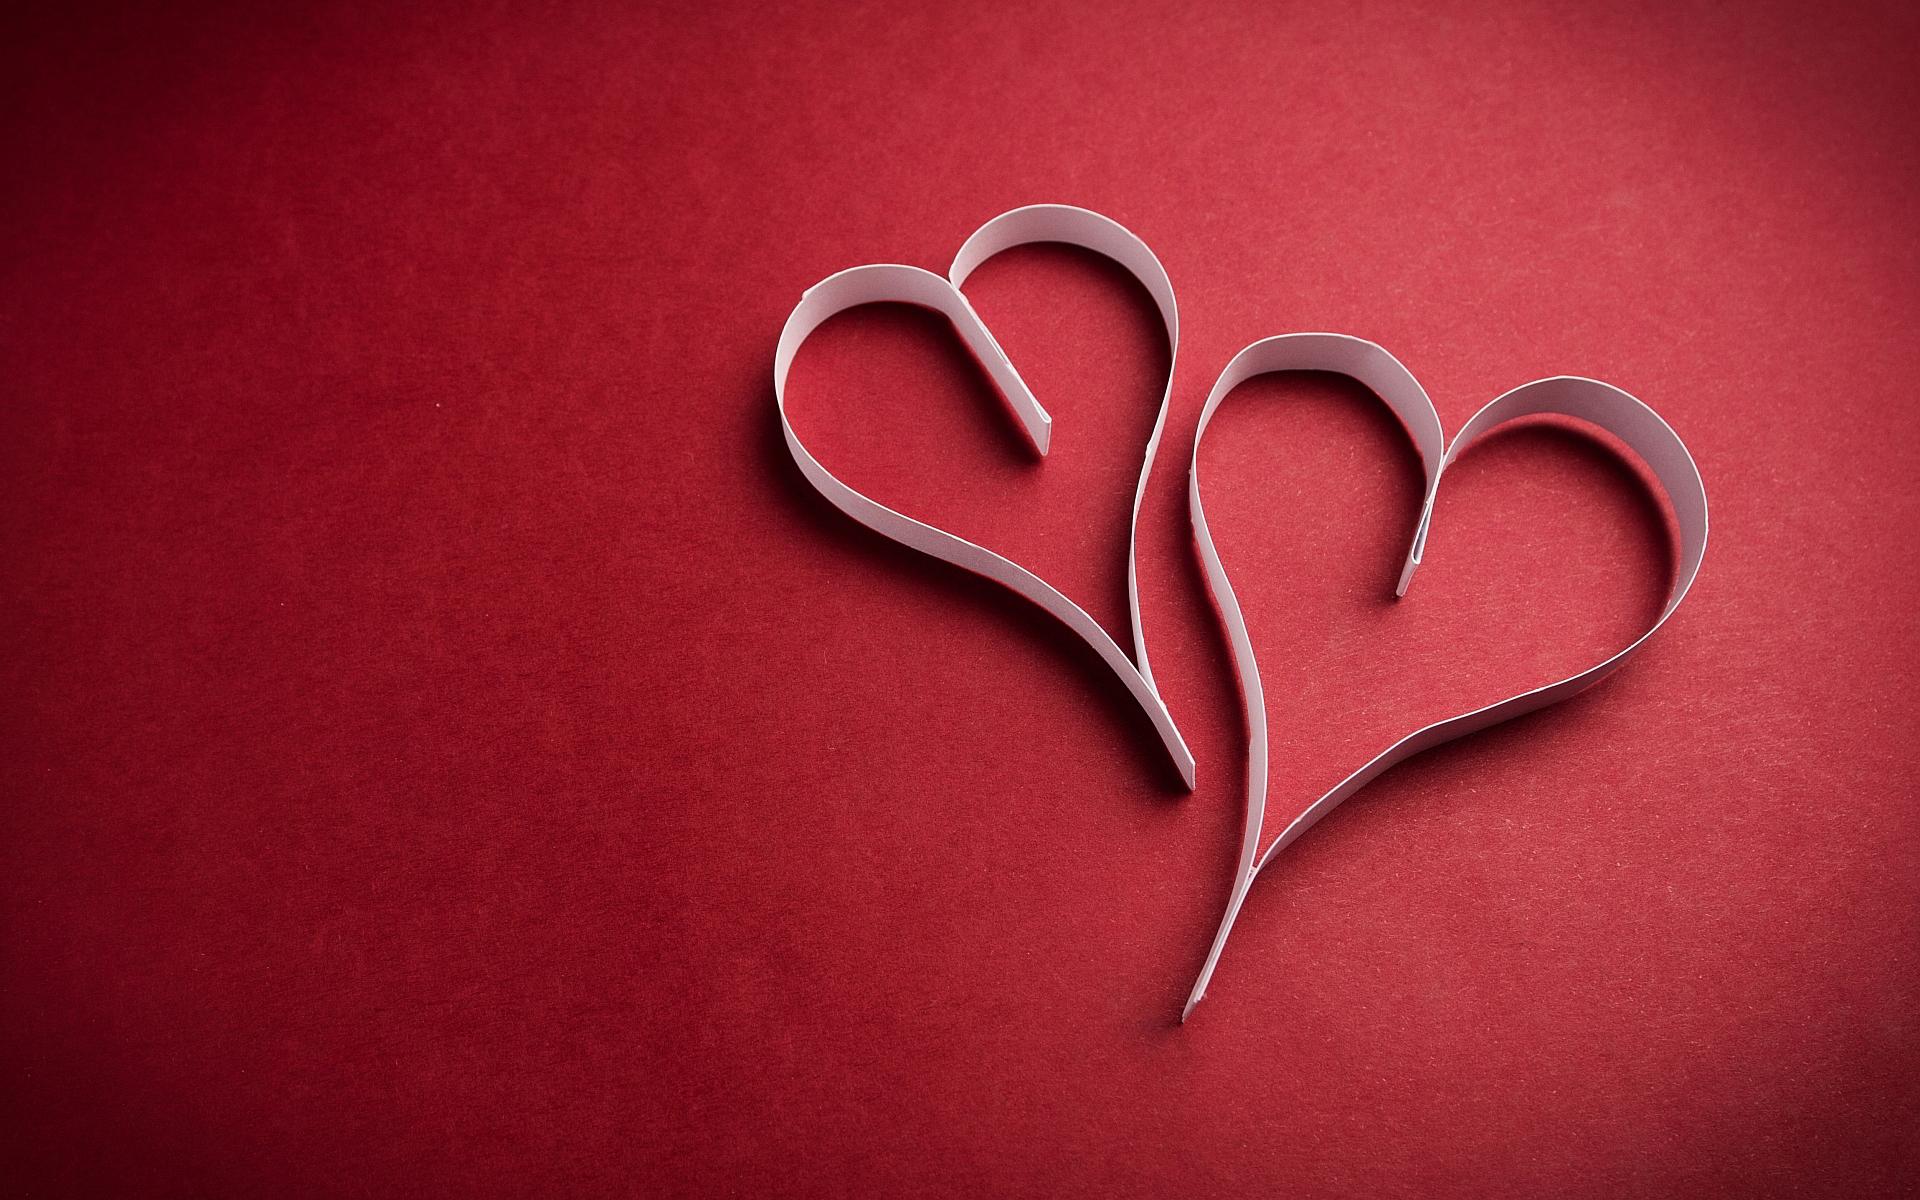 Hình ảnh hai trái tim tình yêu dễ thương